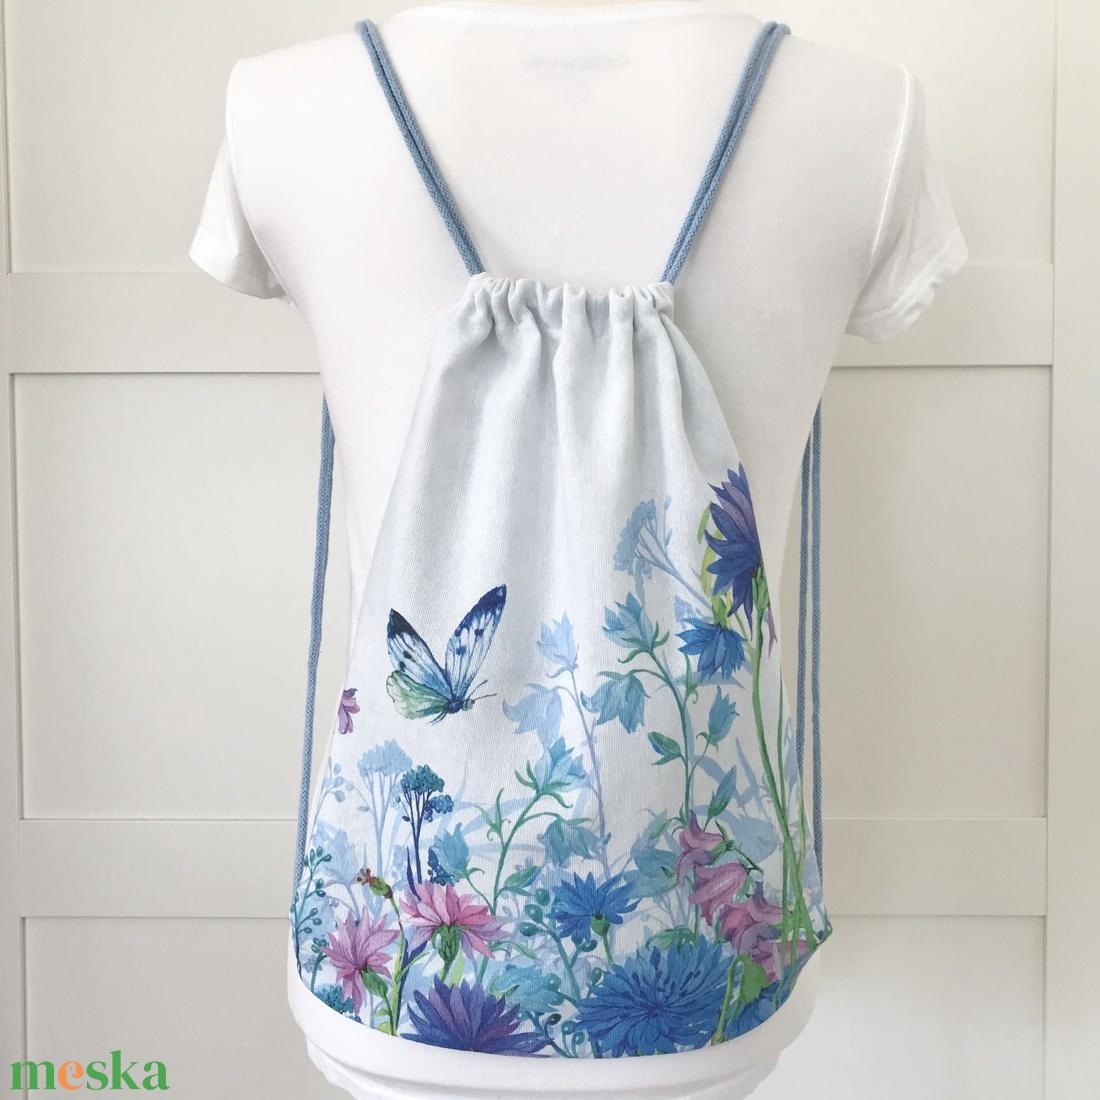 Pillangók tánca a titkos kertben - gymbag hátizsák, tornazsák - Artiroka design - ovi- és sulikezdés - tornazsák, gymbag - Meska.hu